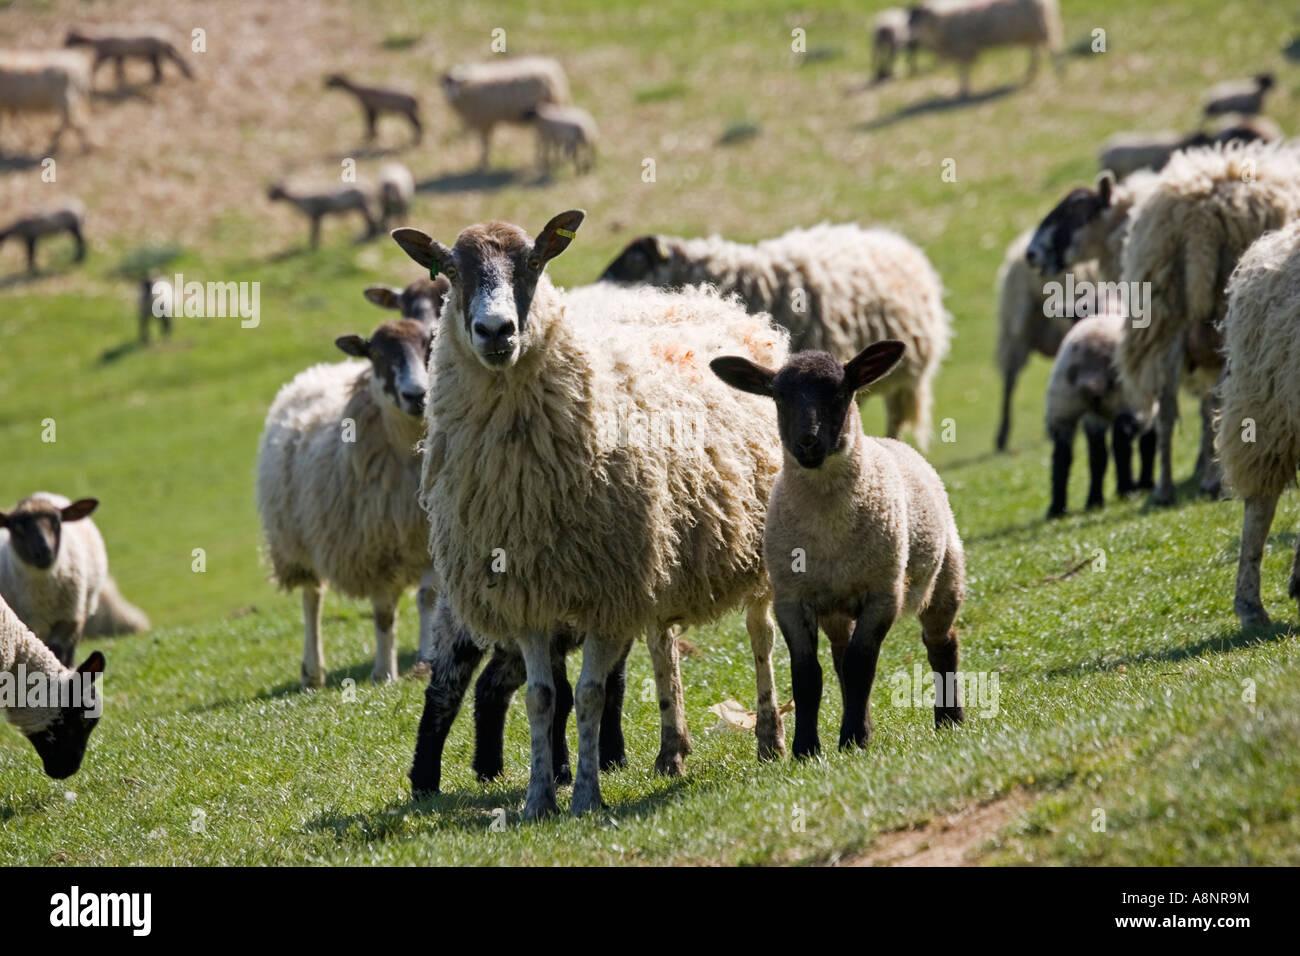 Masham ewe sheep with lambs on fresh pasture Cotswolds UK - Stock Image